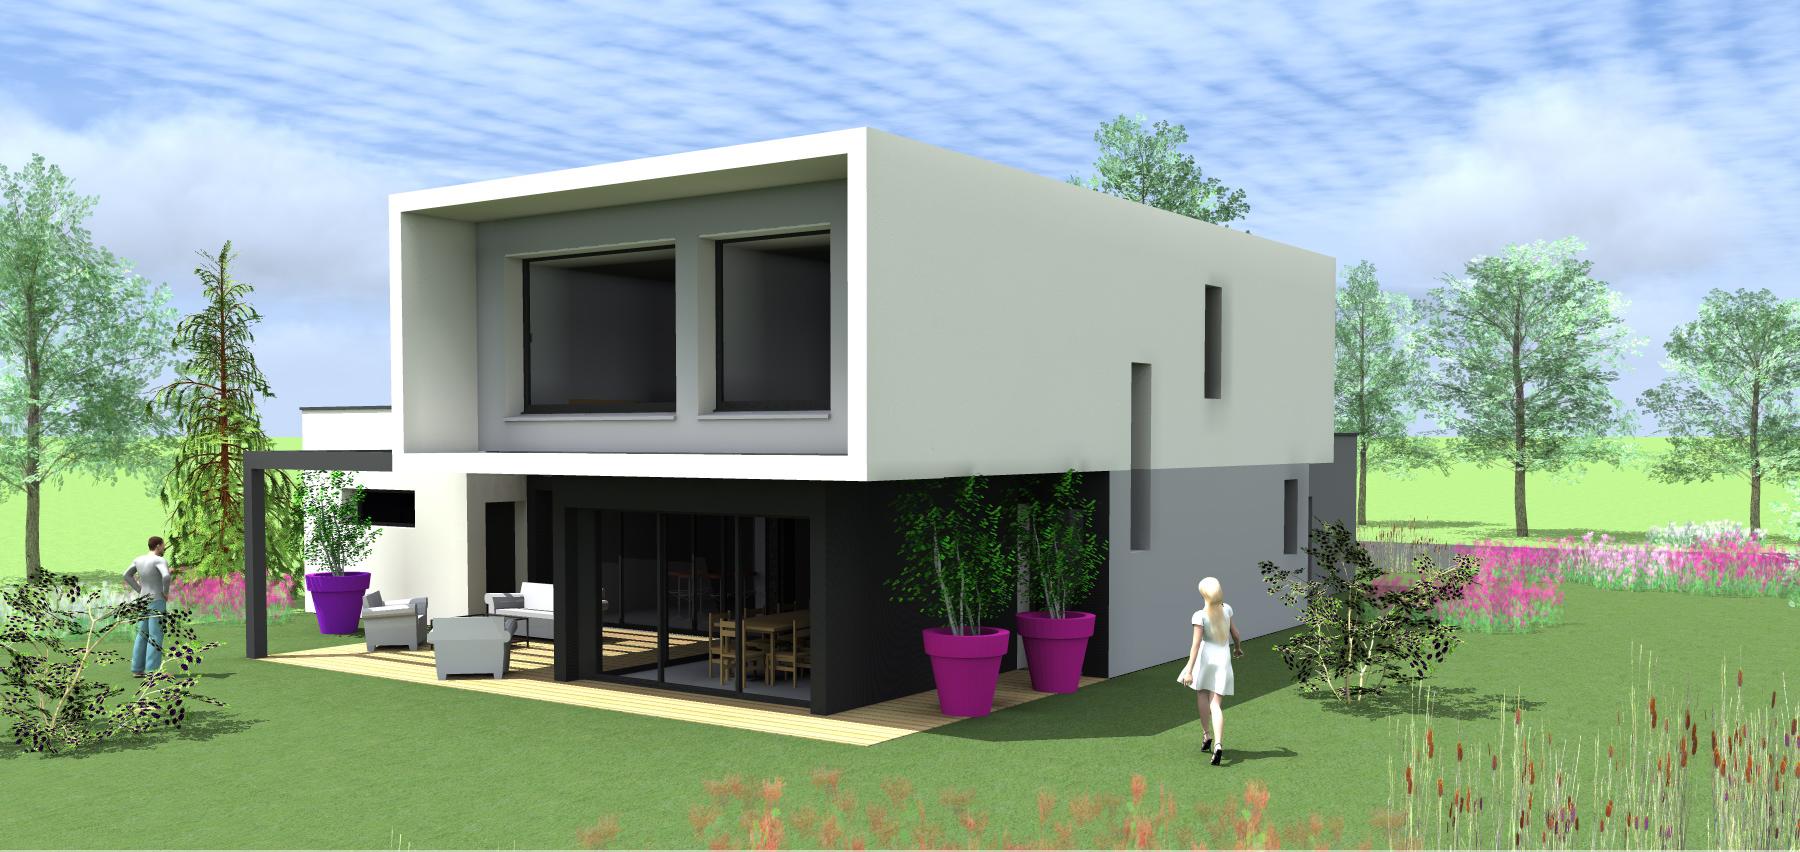 projet b b 1 2 vue architecte lise roturier rennes 35000. Black Bedroom Furniture Sets. Home Design Ideas